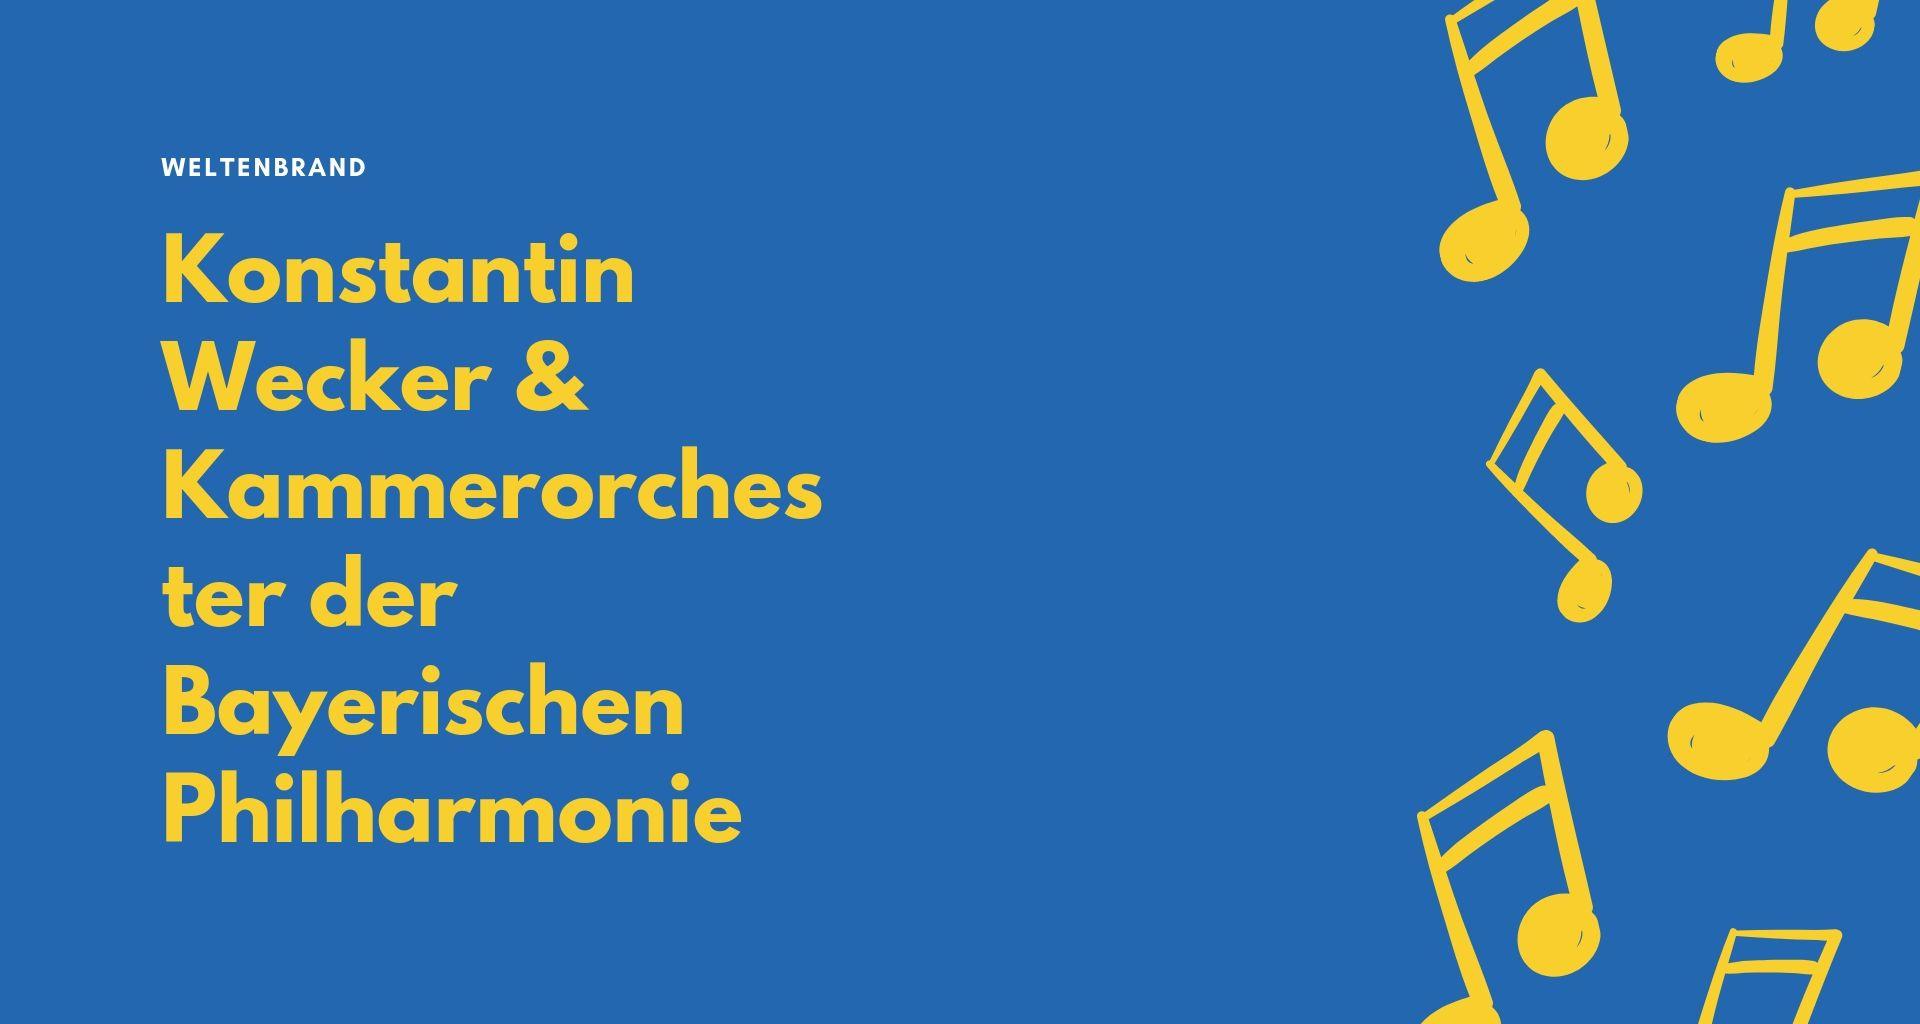 Top Event - Konstantin Wecker & Kammerorchester der Bayerischen Philharmonie: Weltenbrand